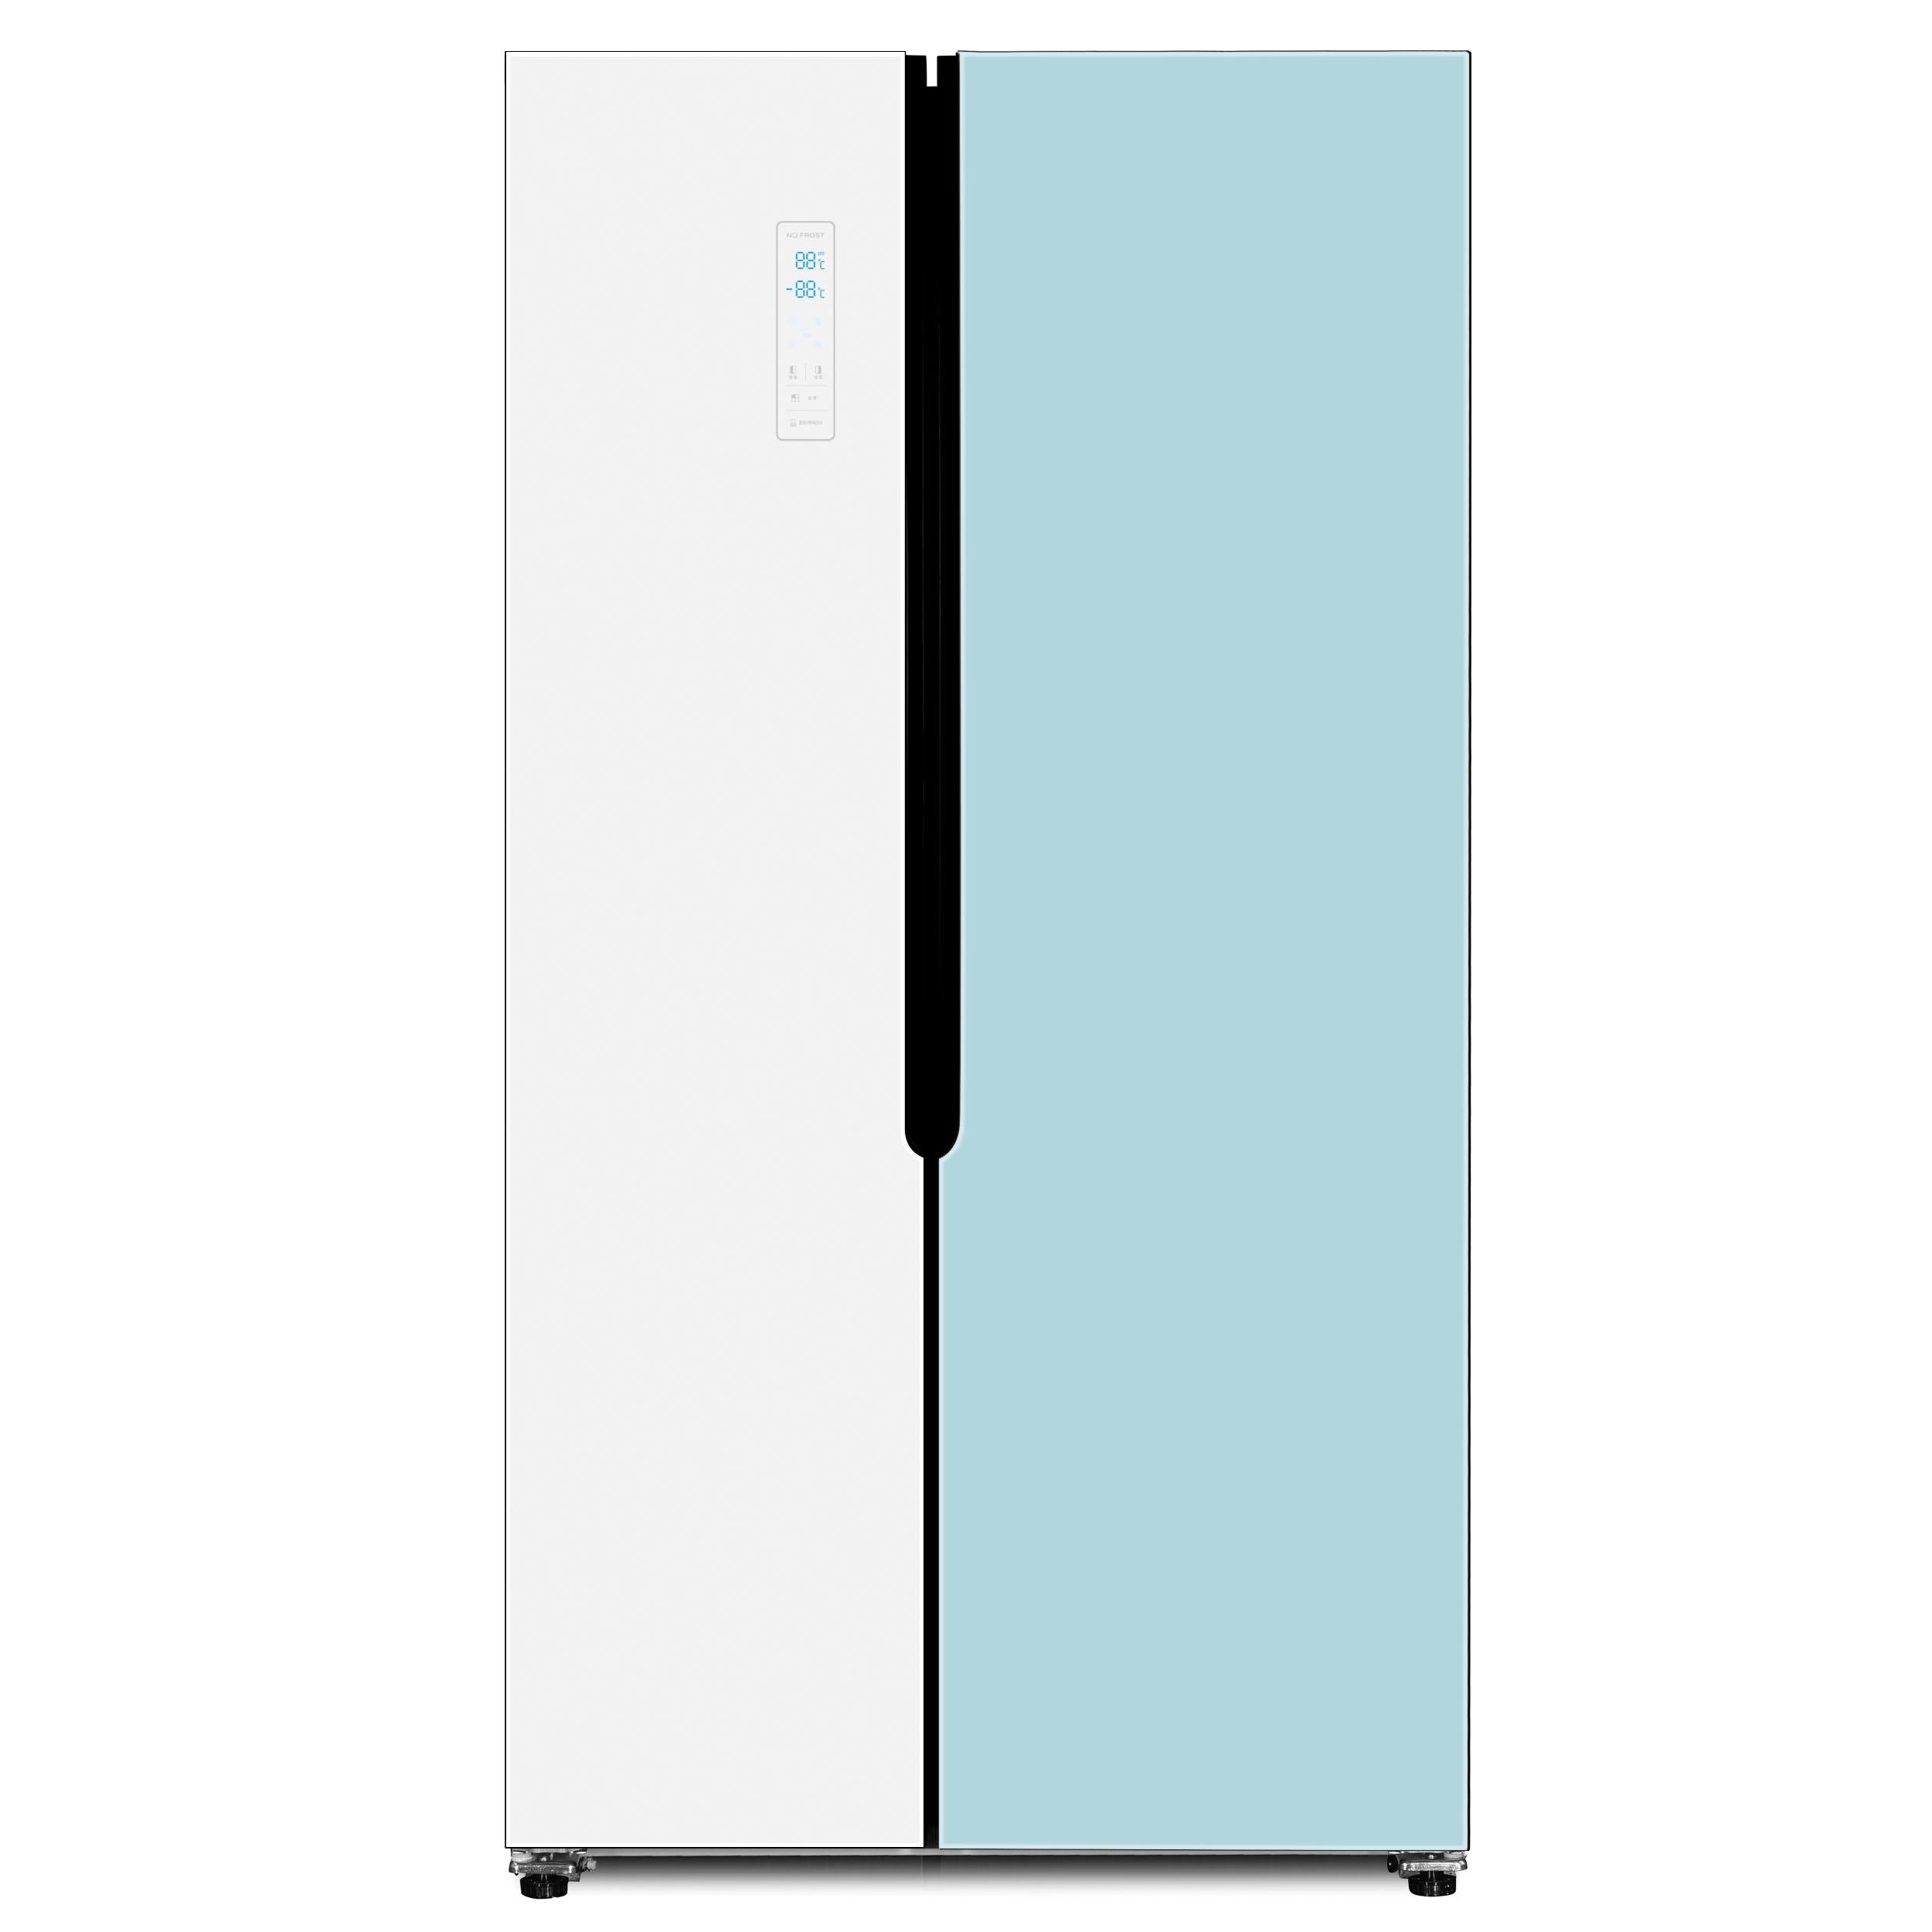 하이얼 양문형 글라스 도어 냉장고 436L 방문설치, HRS472MNMW-3-5421872740